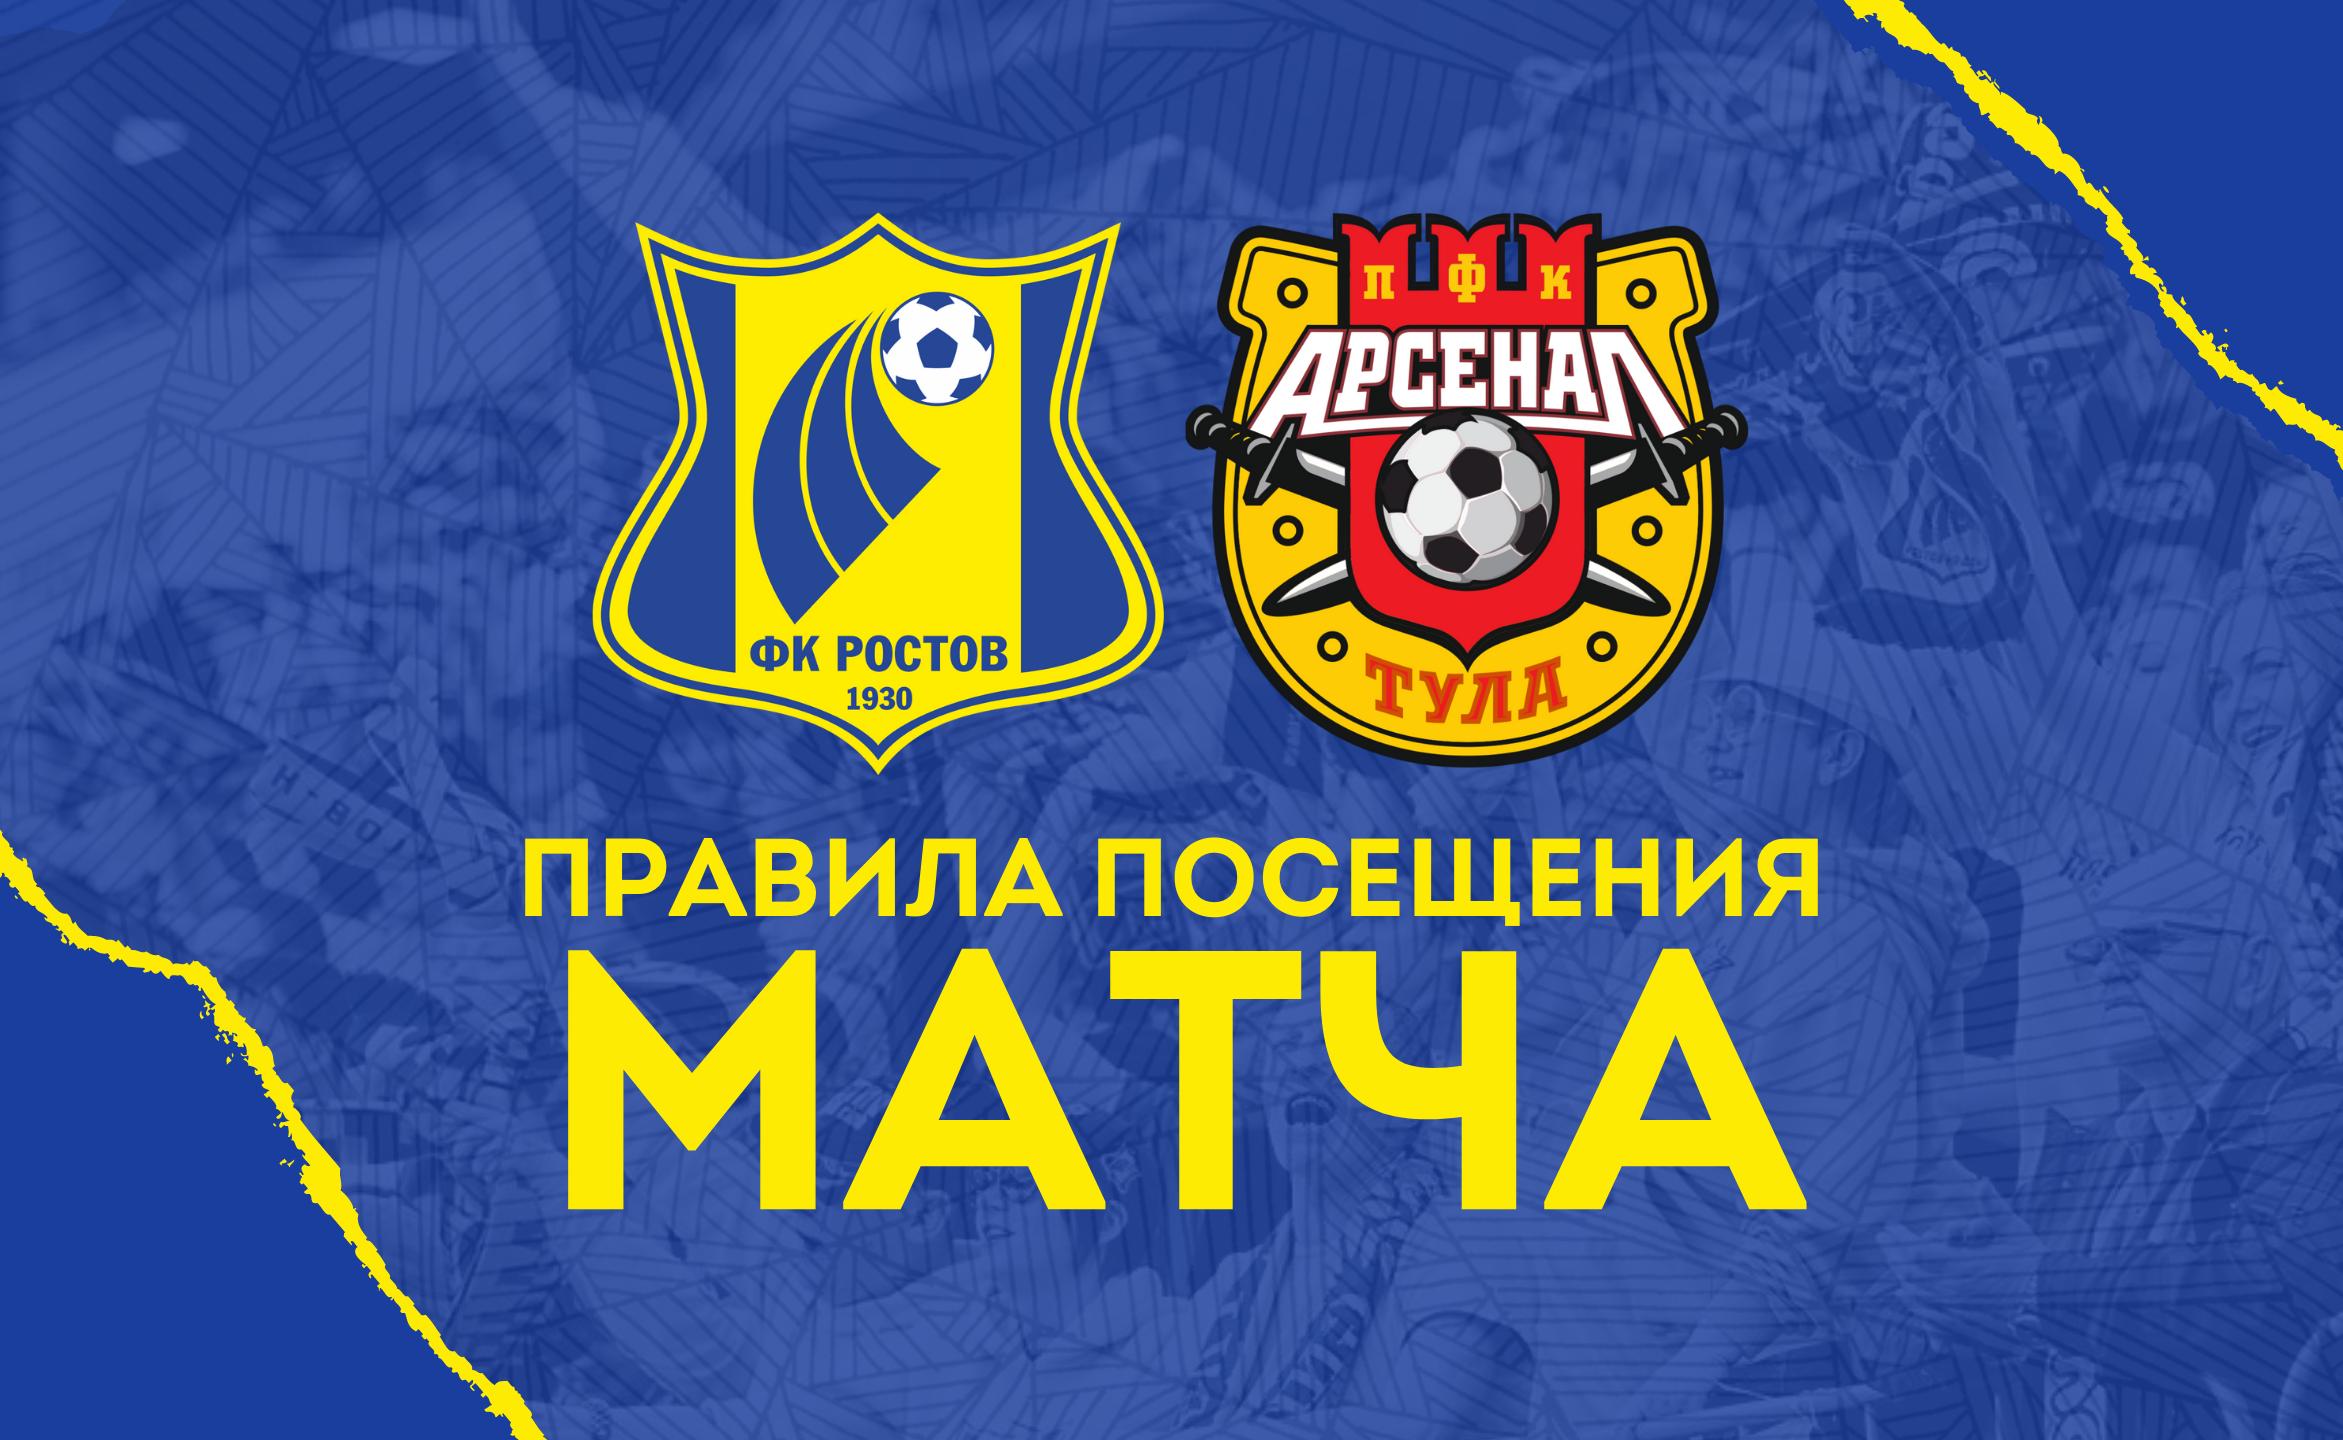 Правила посещения стадиона на матче «Ростов» — «Арсенал»